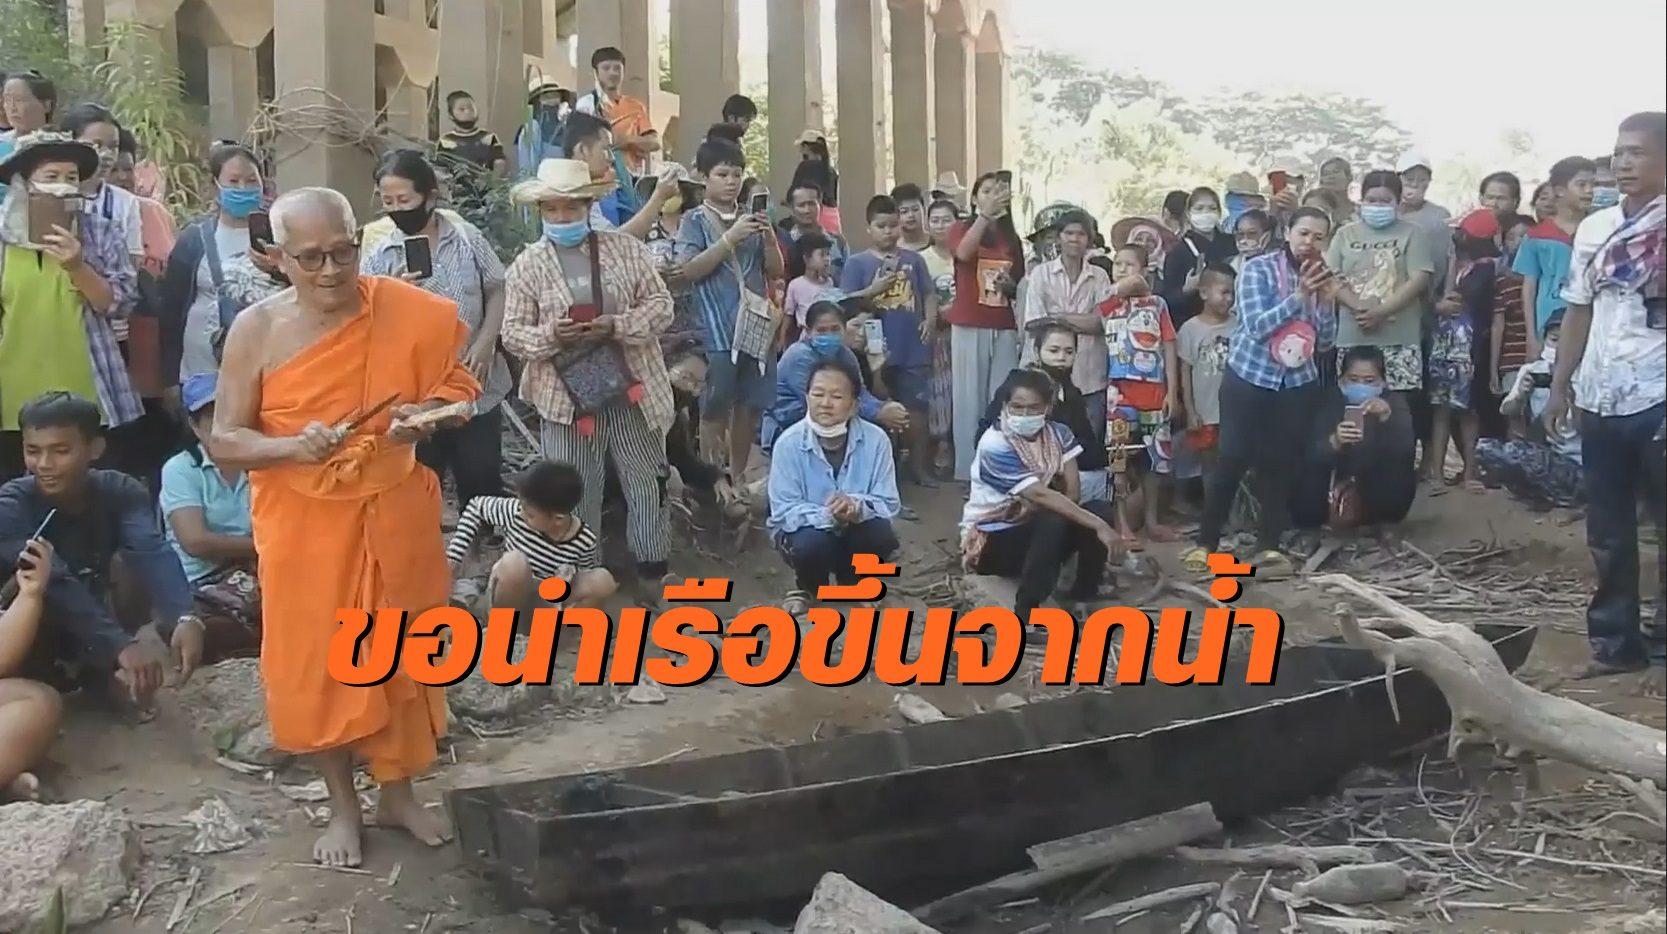 ชาวบ้านทำพิธีบวงสรวงนำเรือขึ้นจากใต้น้ำ ด้านนักเสี่ยงโชครู้ข่าวแห่ดูเลขเด็ด